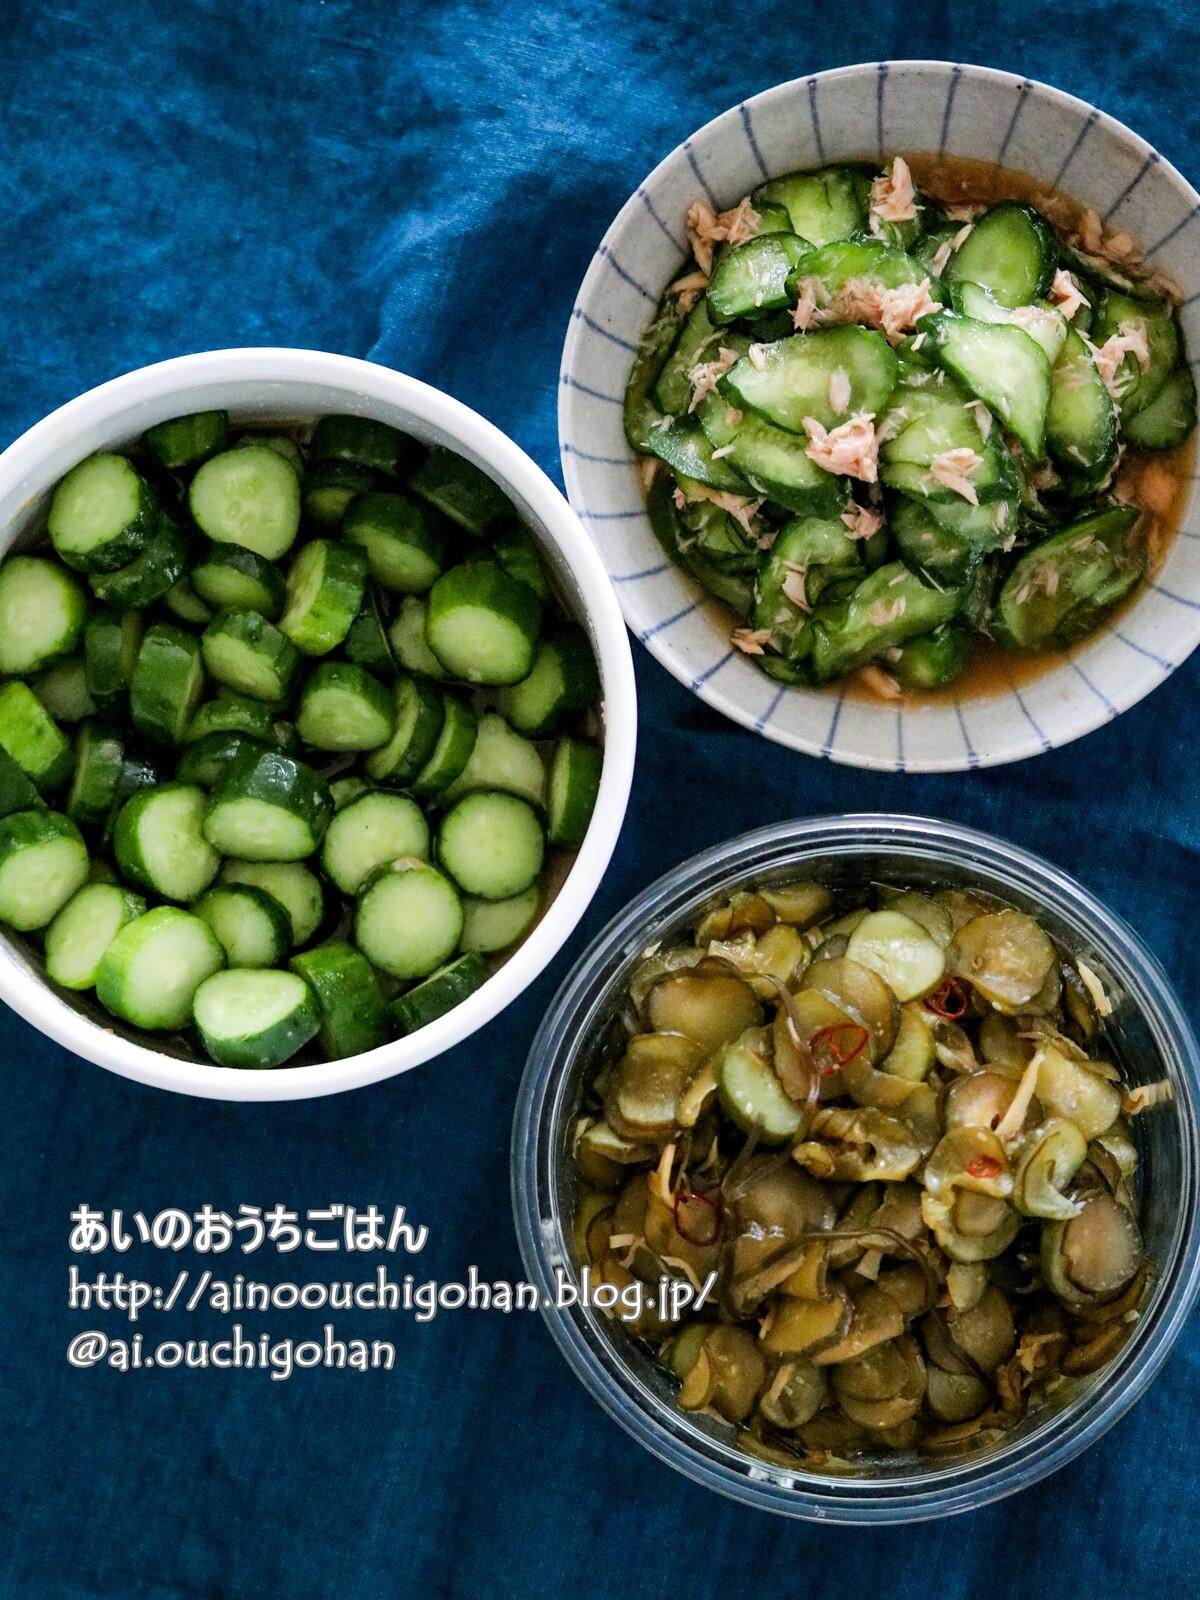 大量 消費 ズッキーニ ズッキーニの食べ方に迷ったら。夏野菜大量消費,超カンタンレシピはコレだ!